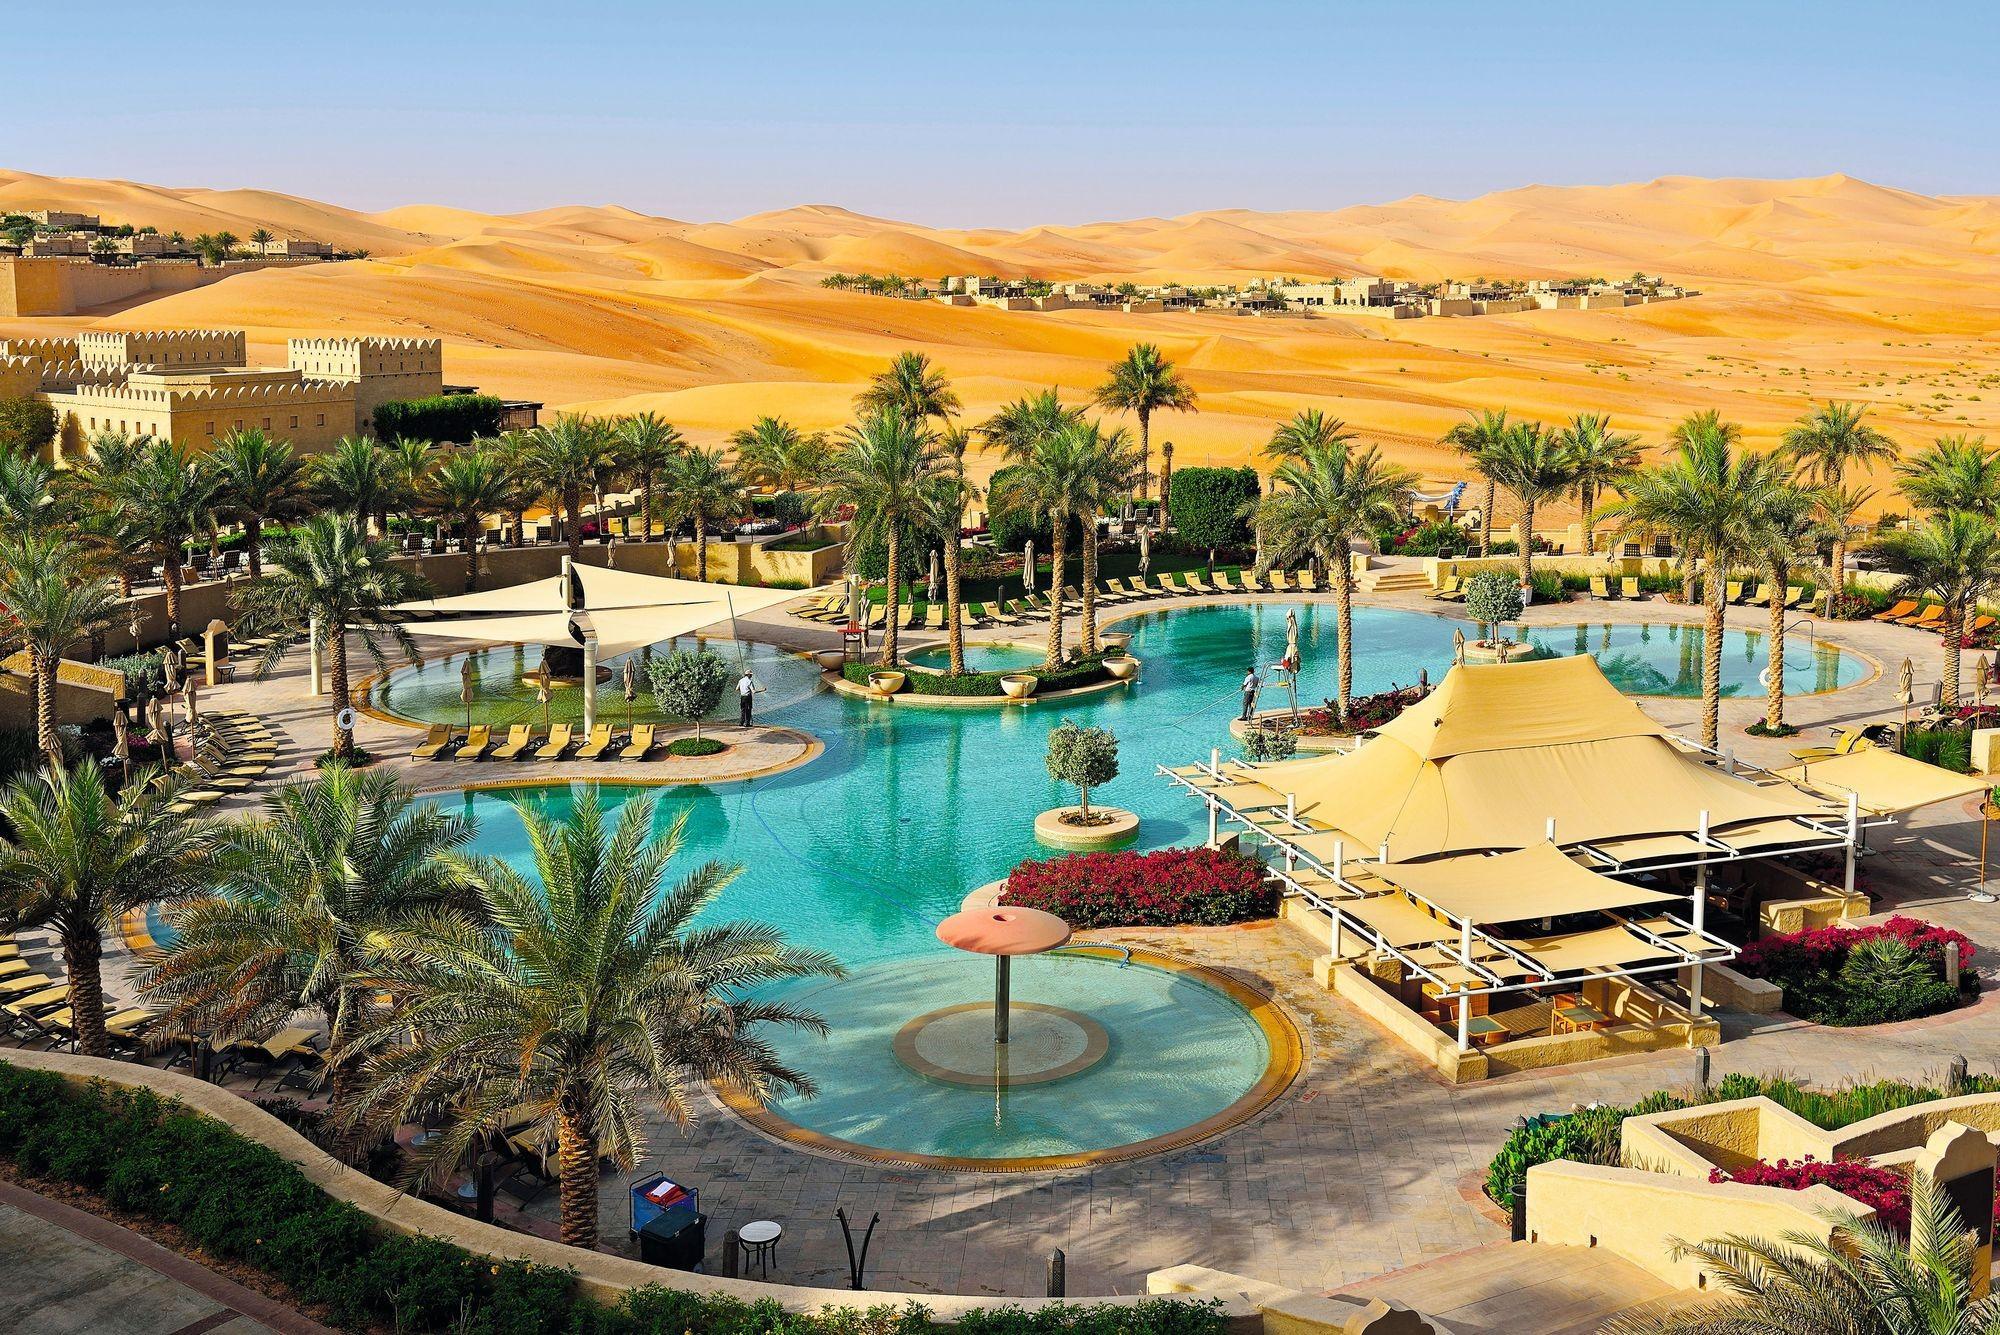 Le Qasr Al Sarab, hôtel de luxe dans l'oasis de Liwa